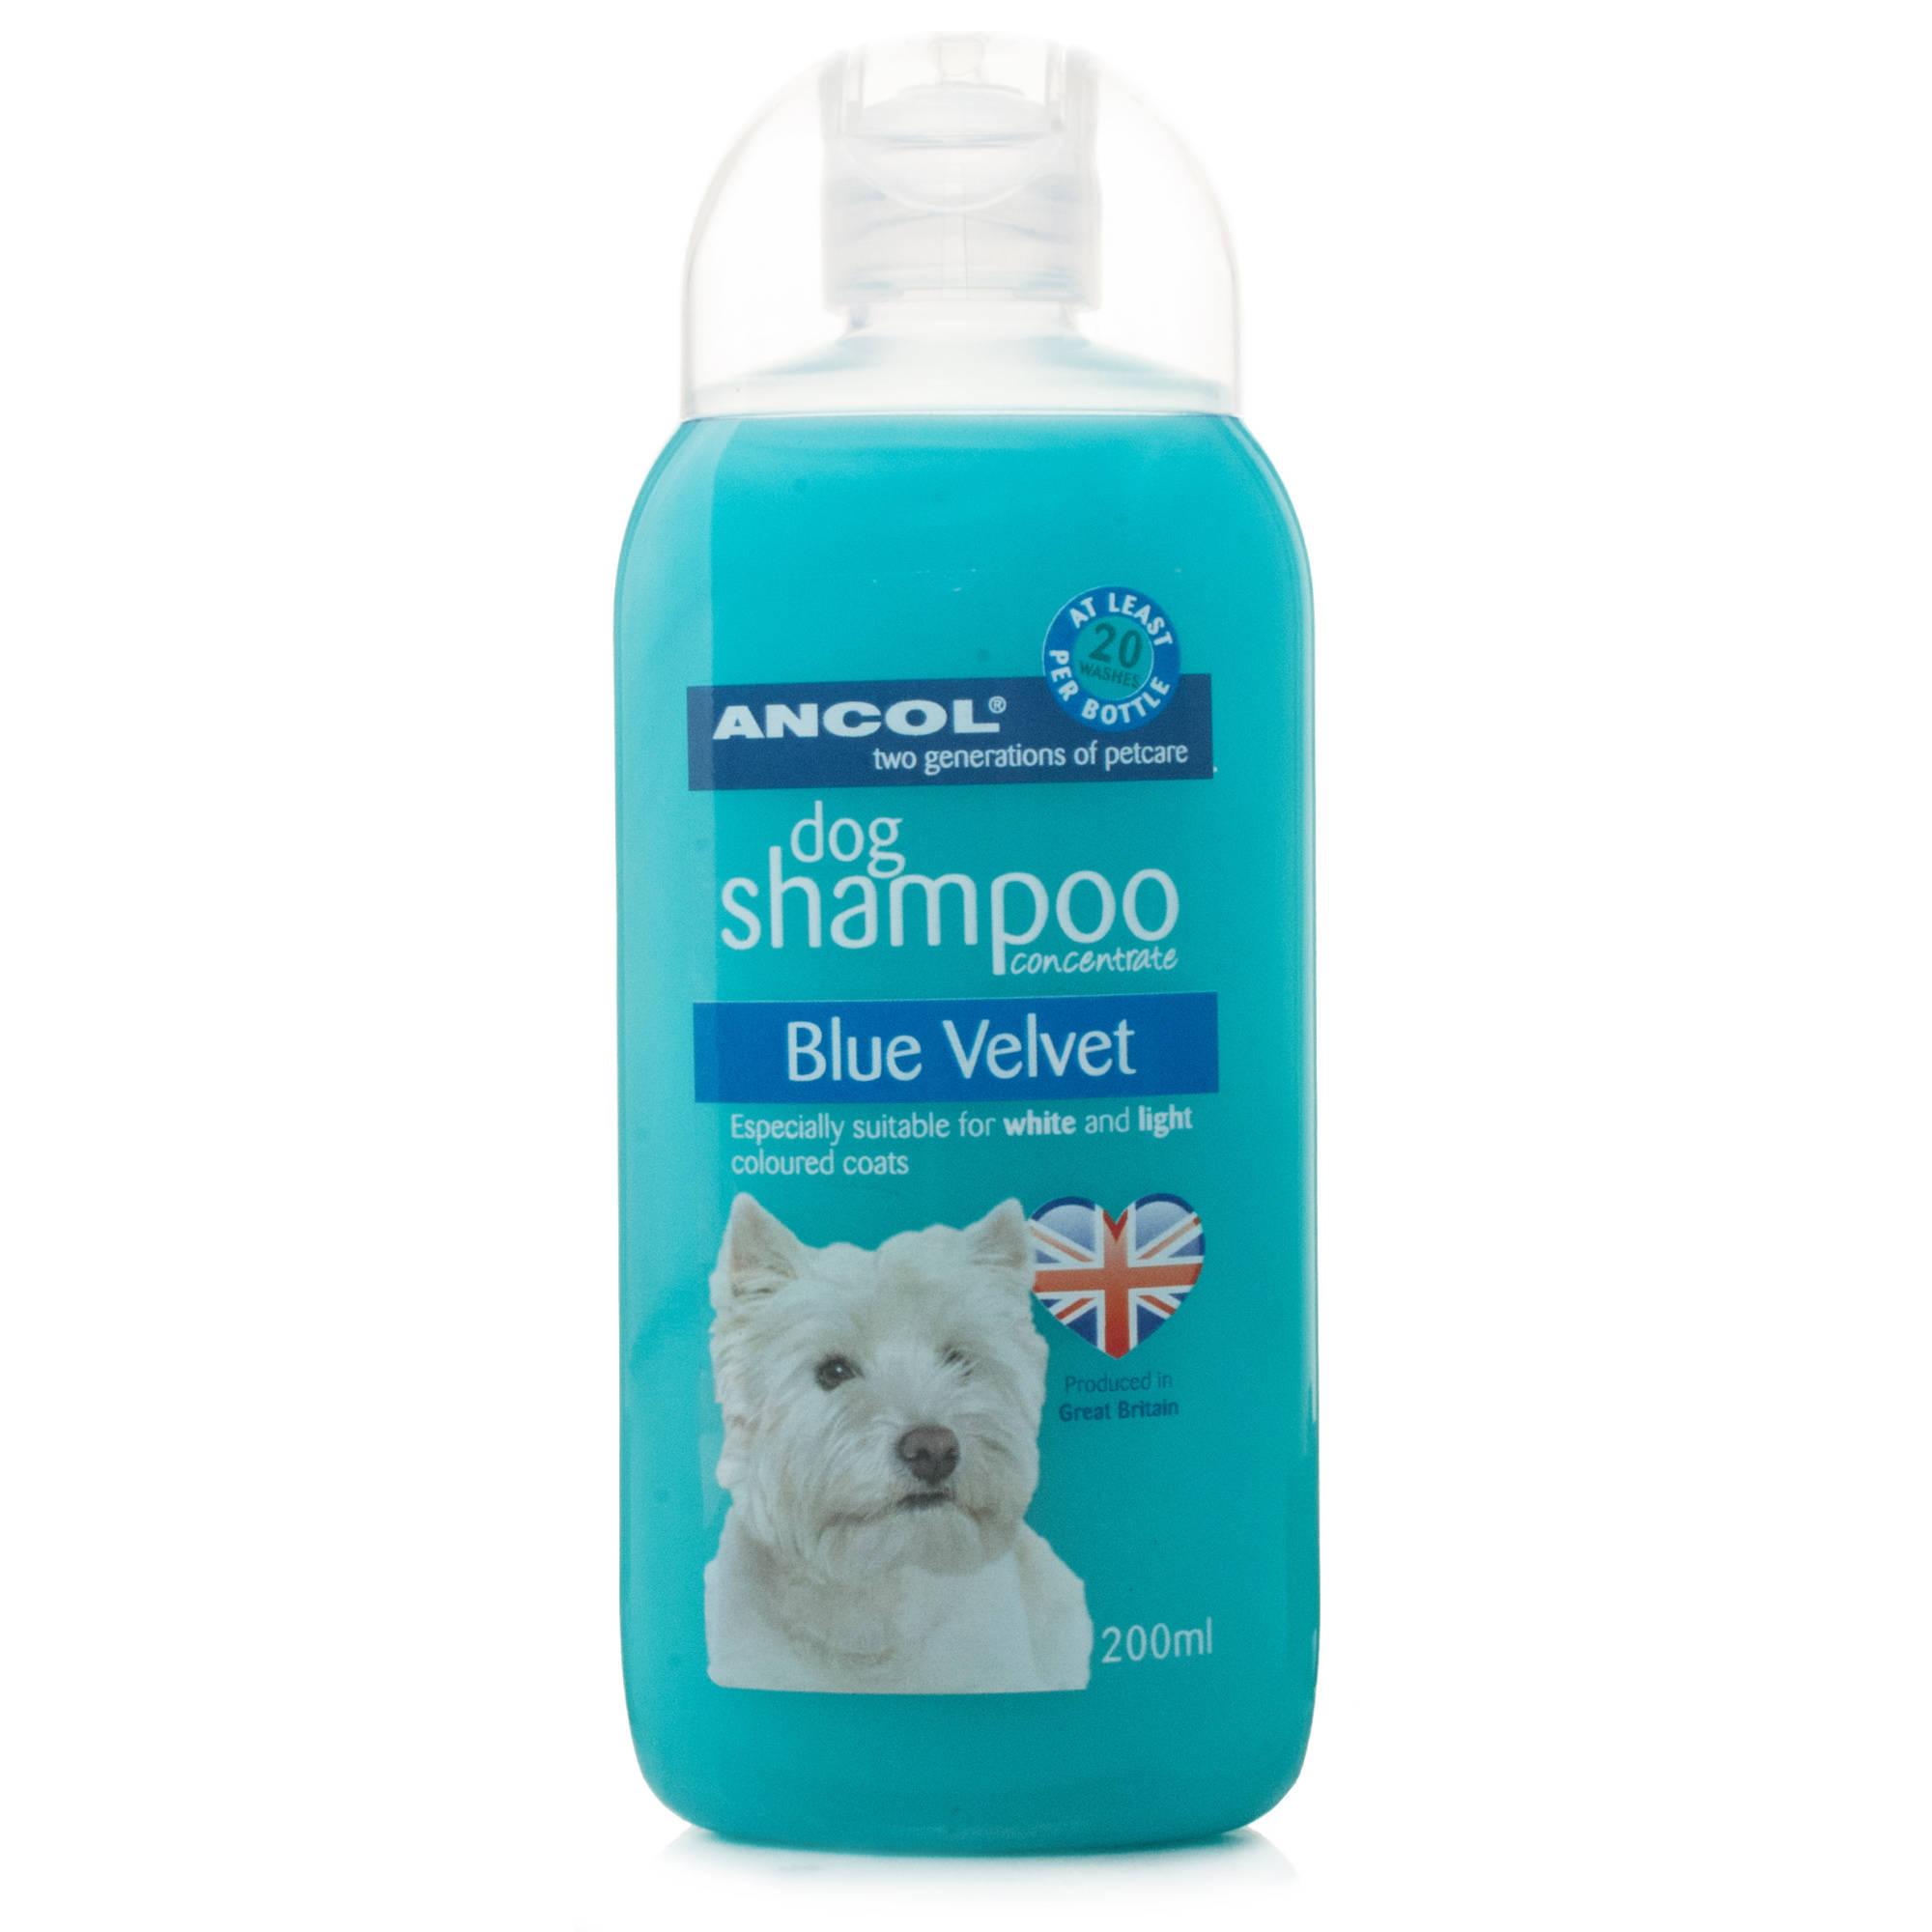 Dog Shampoo Uk Review